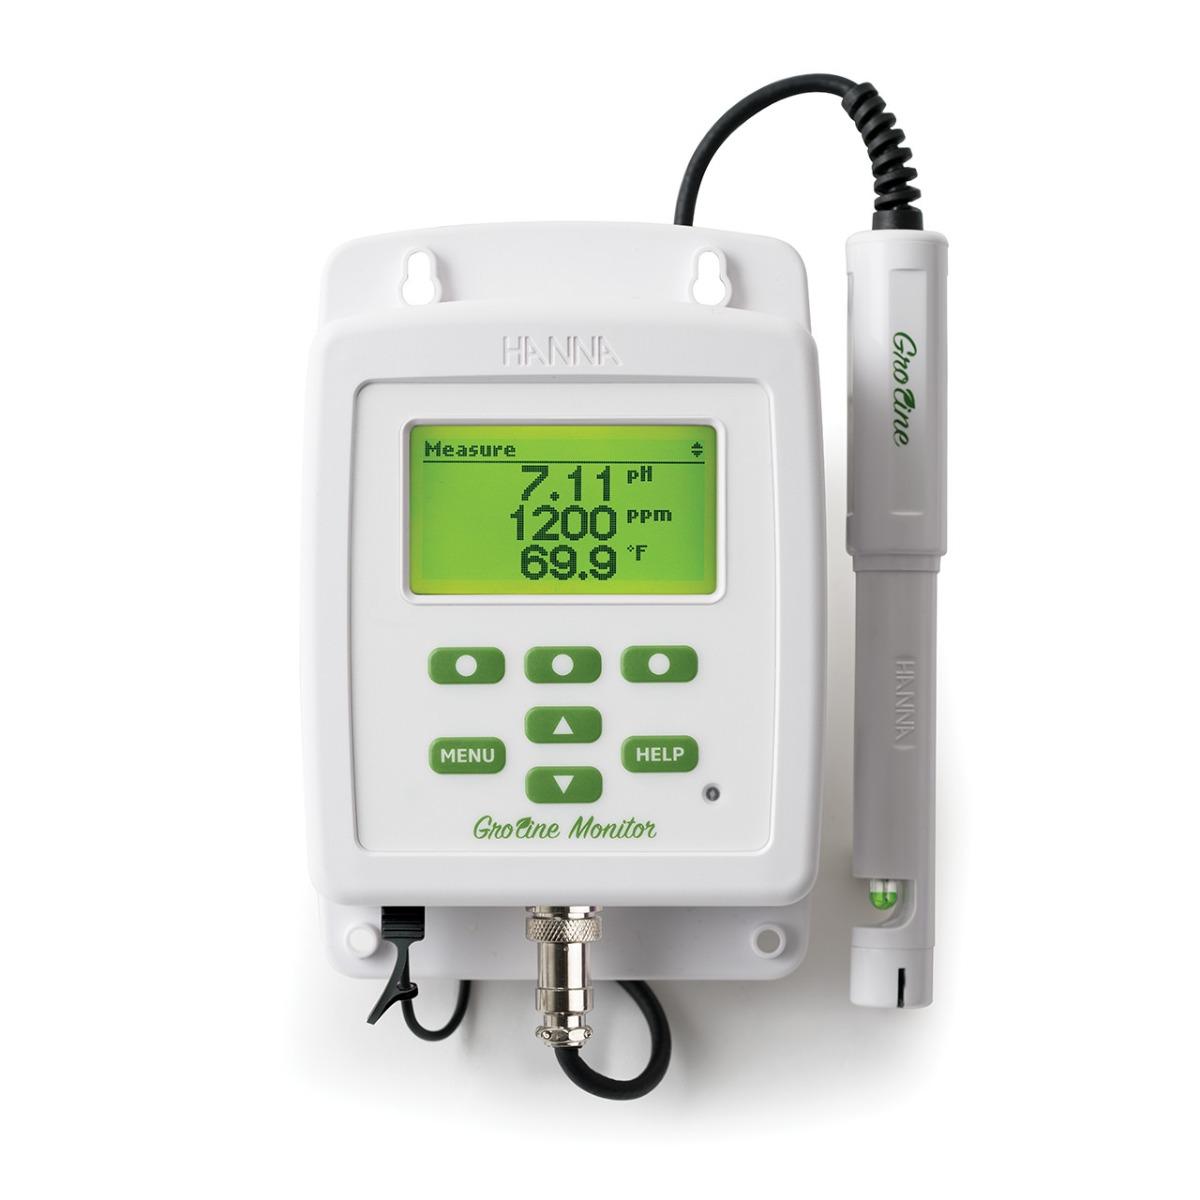 GroLine Monitor – Indicatore combinato pH, EC, Temp per agricoltura - HI981420